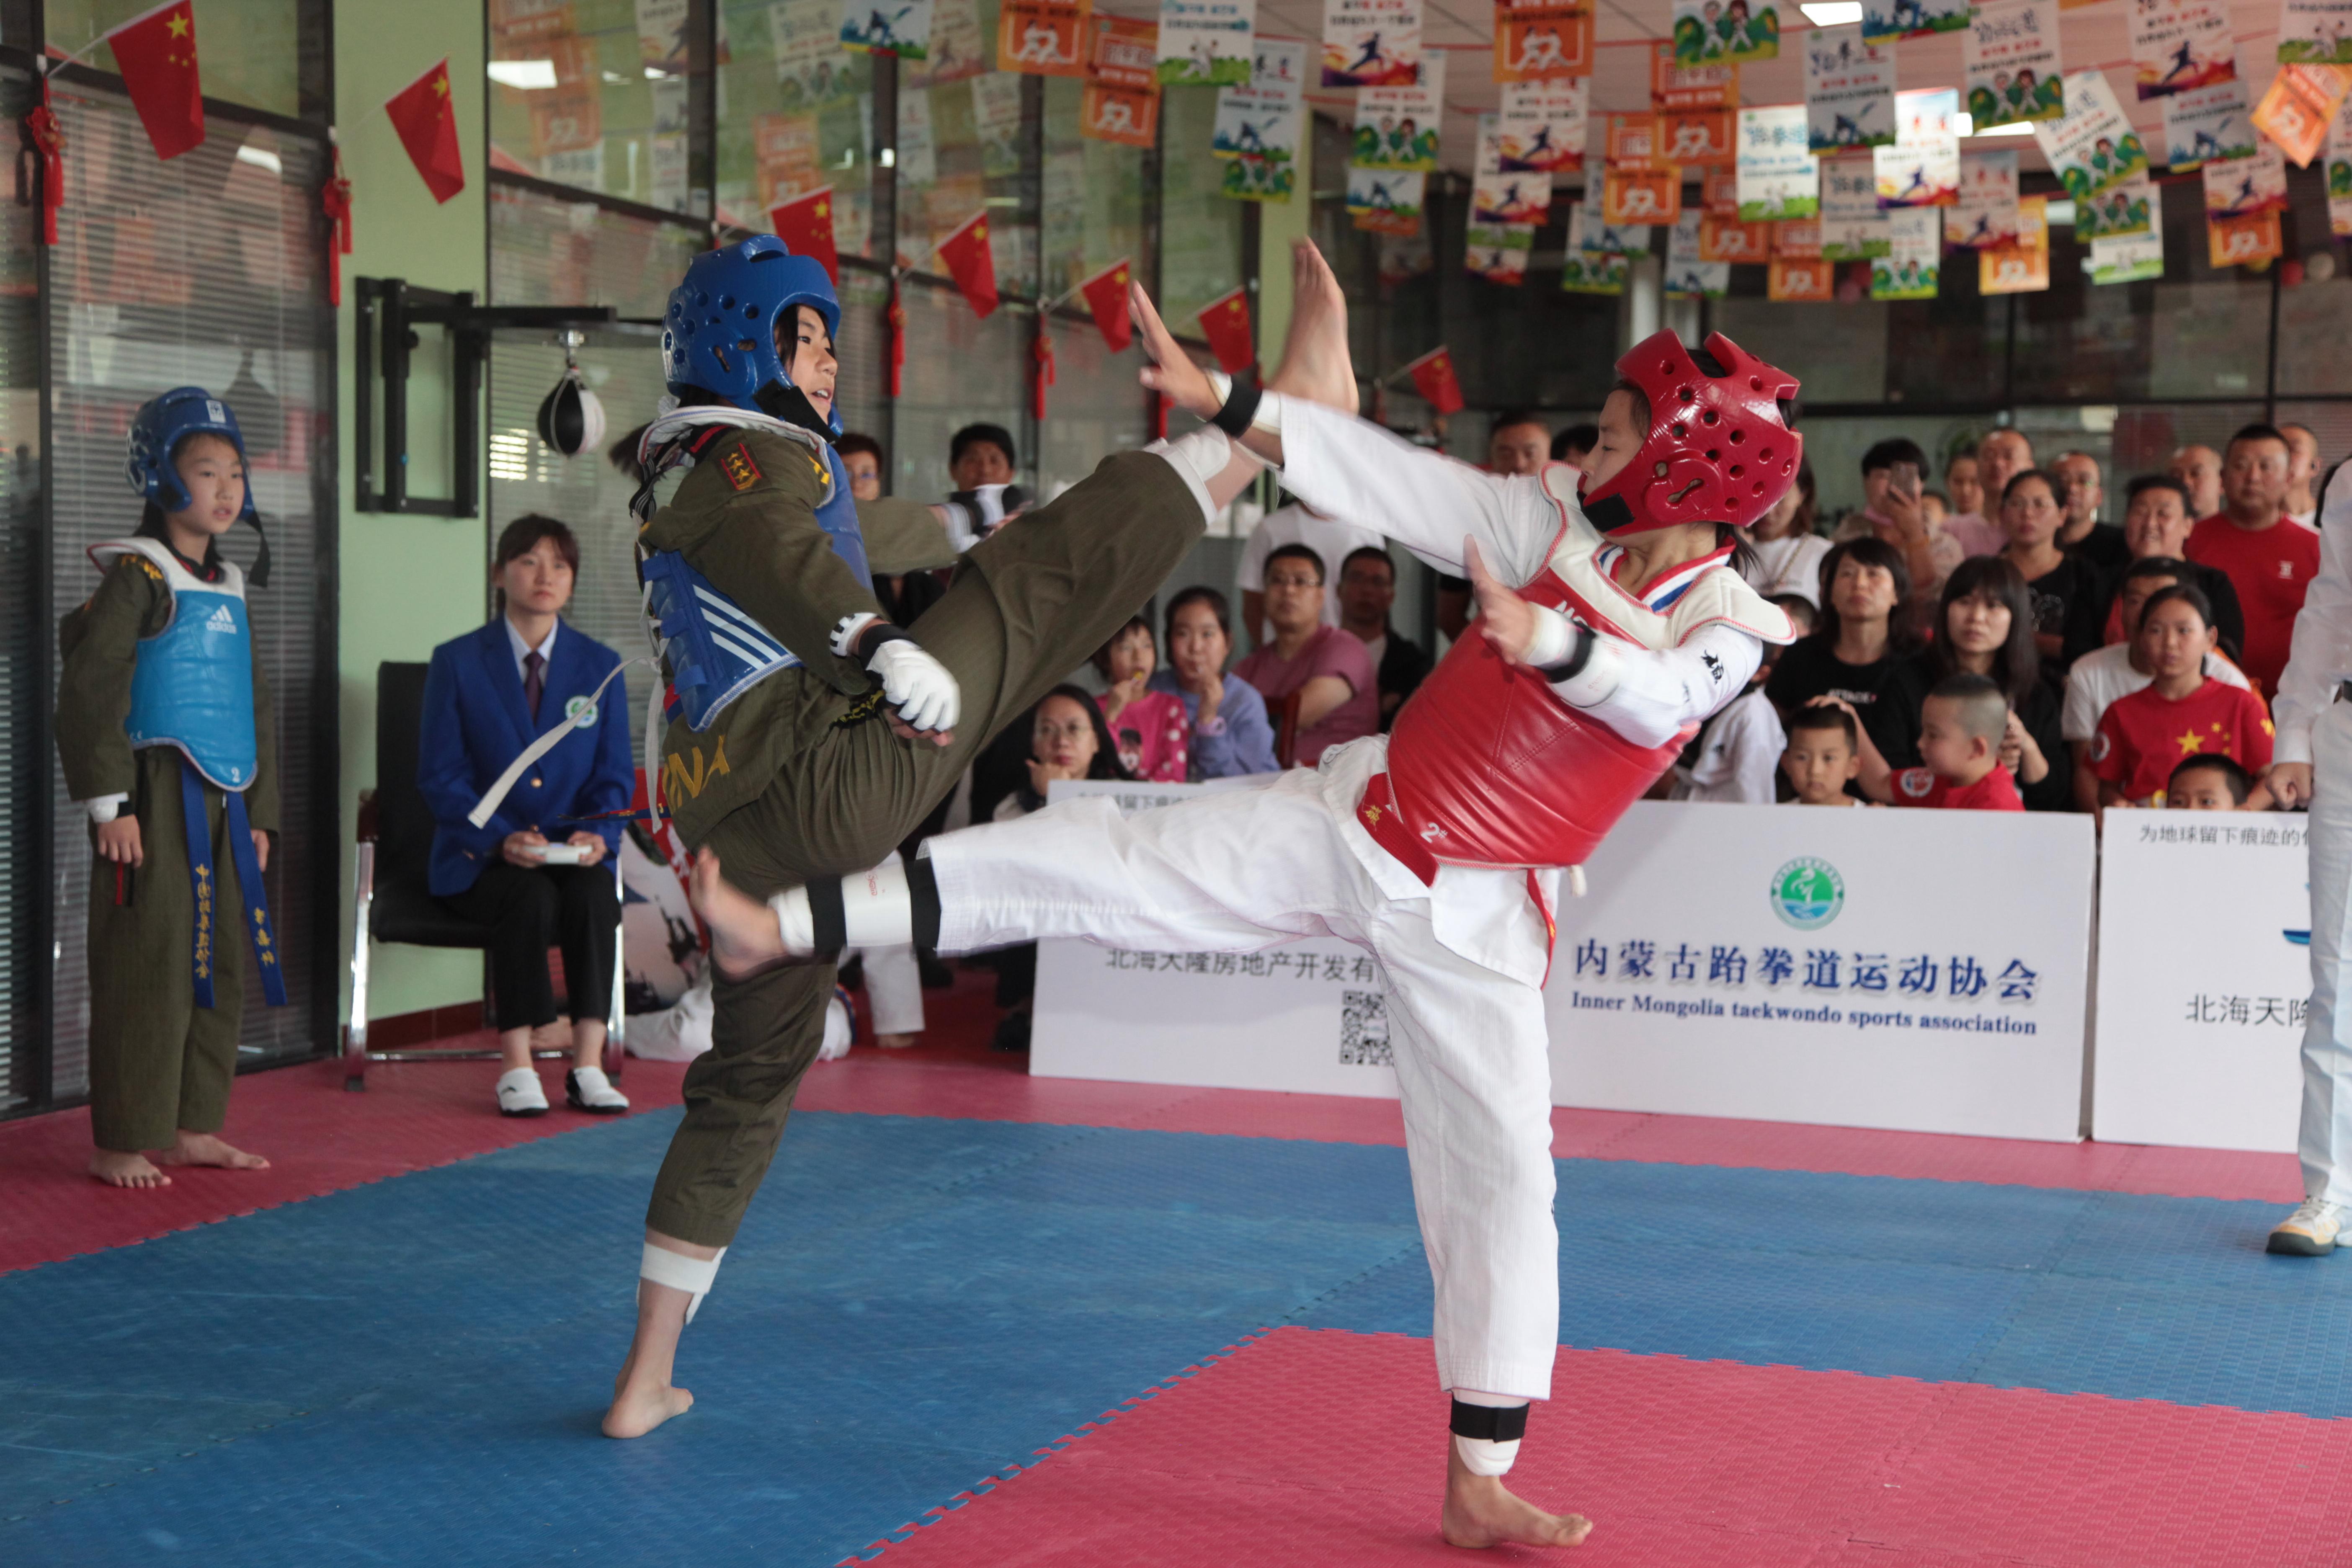 第二届内蒙古青少年体育夏令营暨跆拳道俱乐部联赛激烈开赛